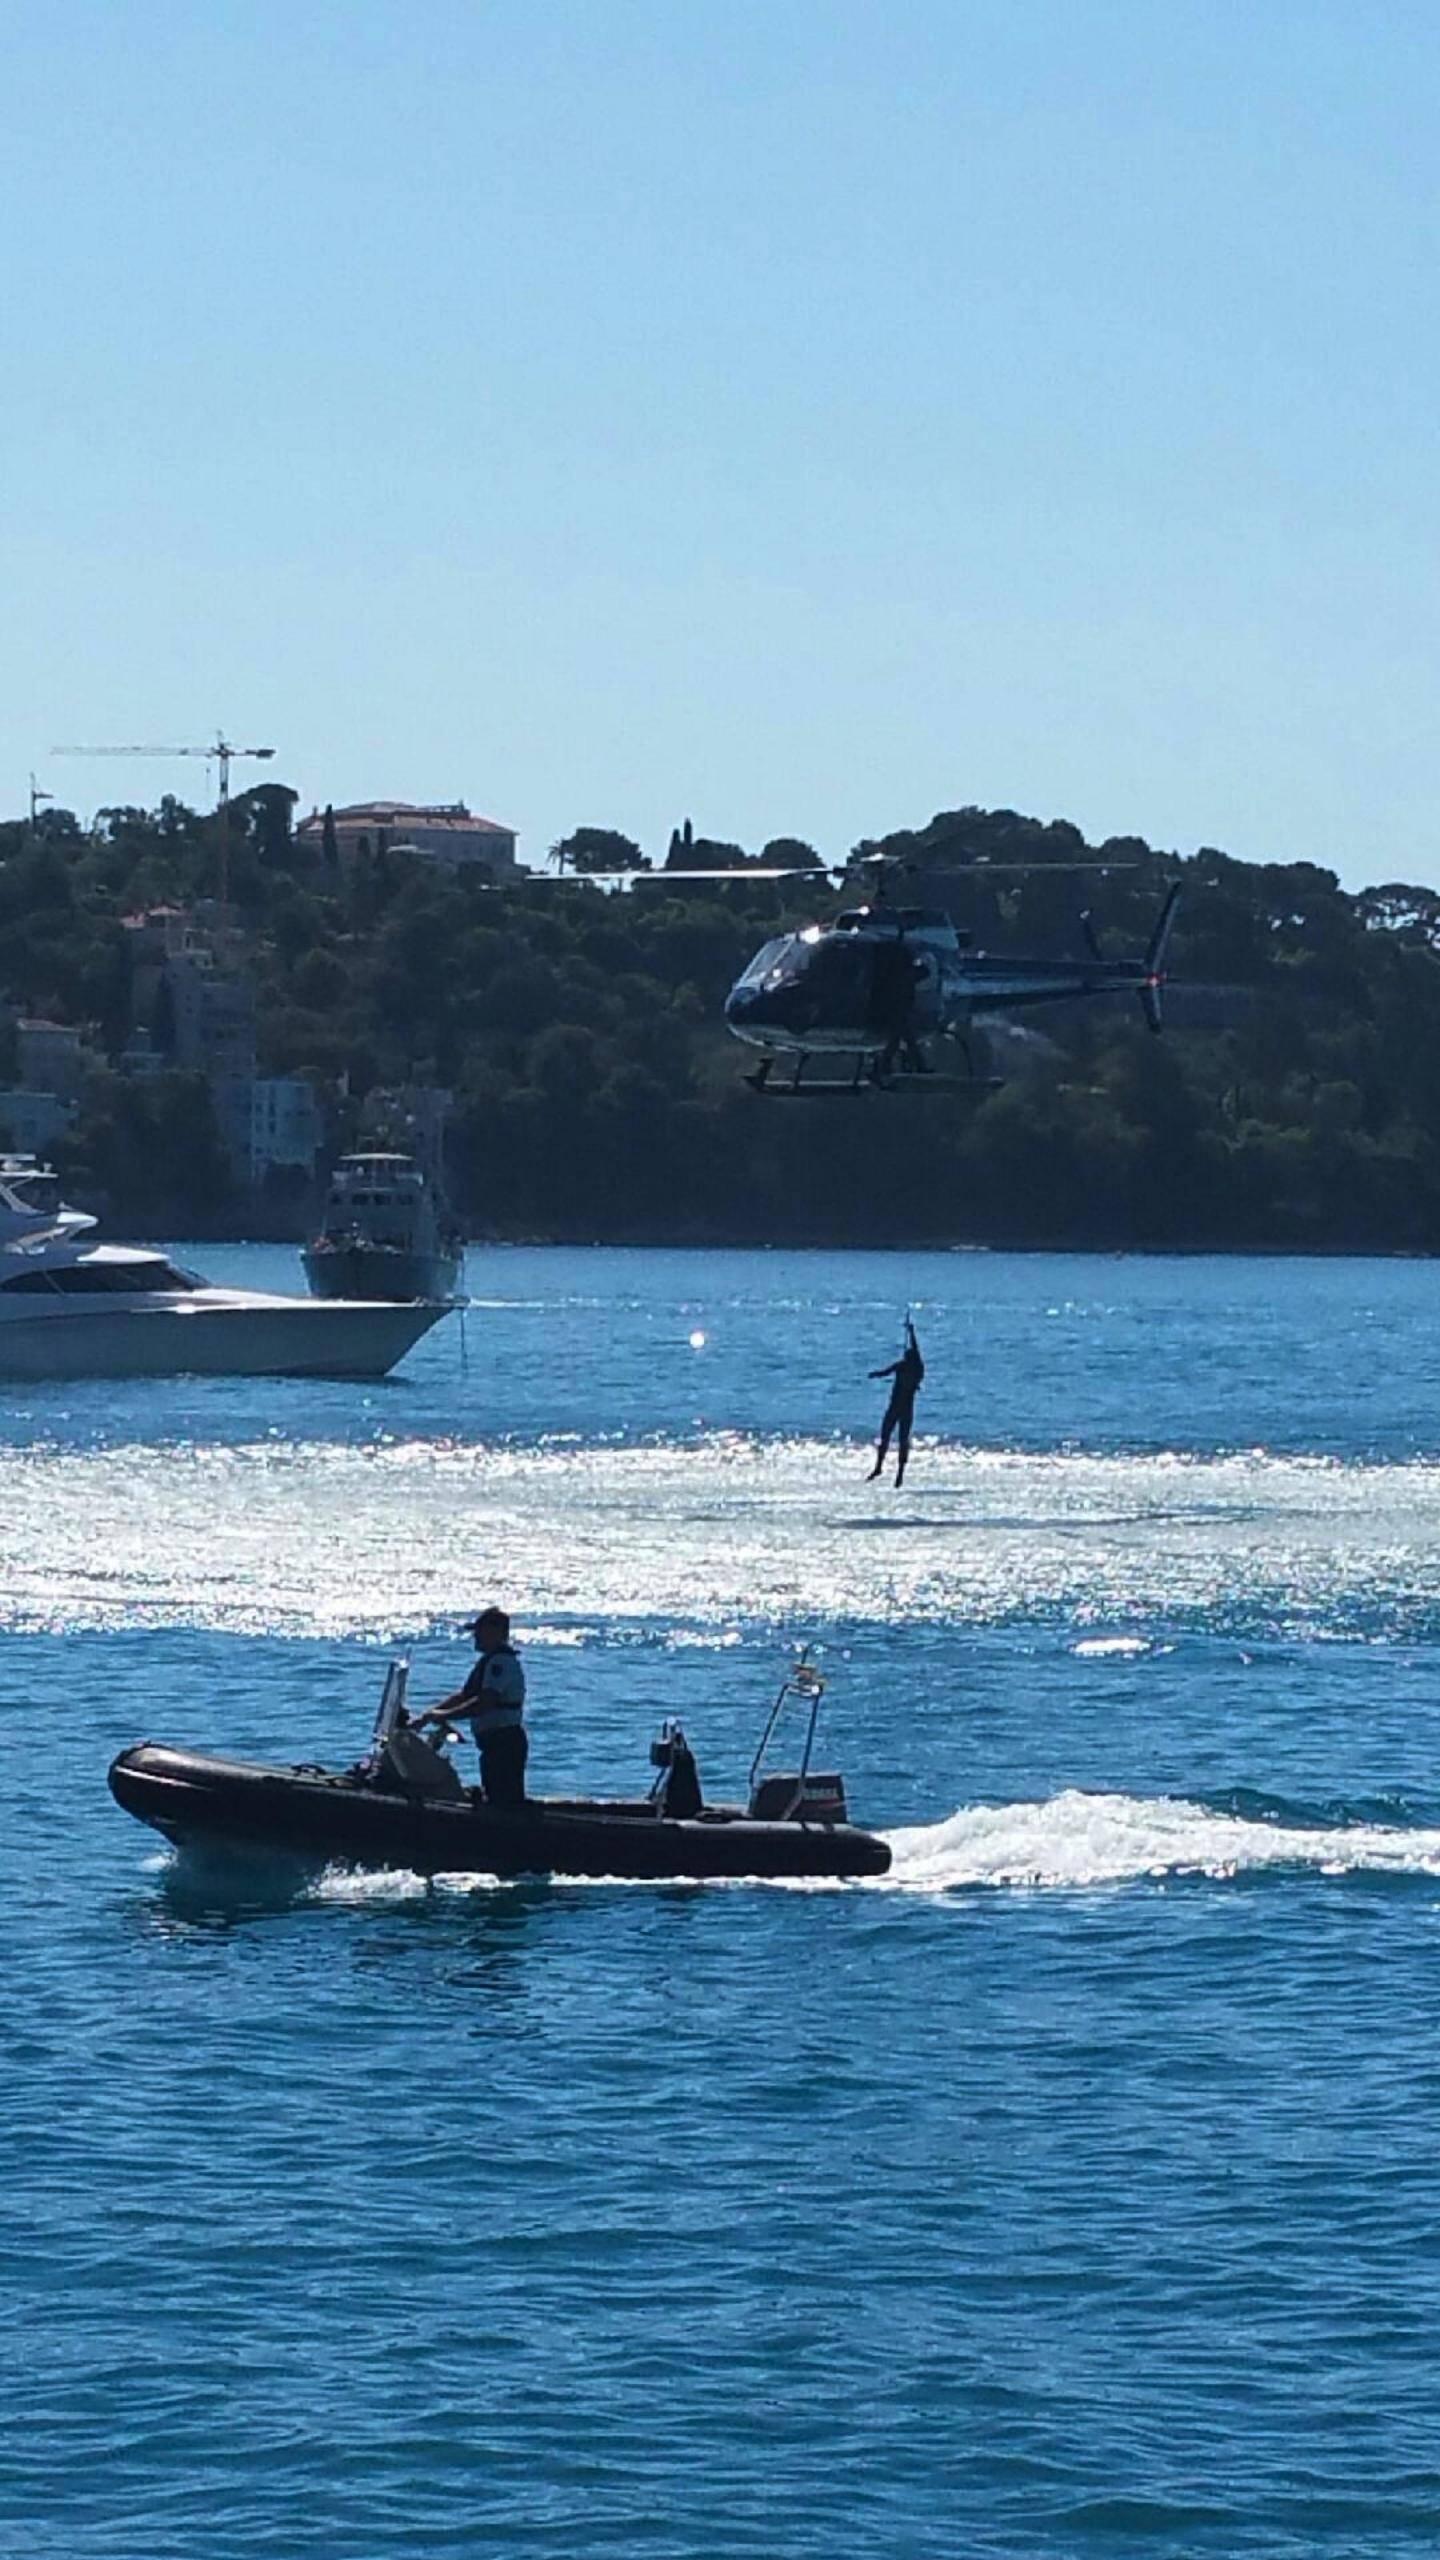 Les touristes ont pu assister à un exercice de sauvetage en mer.